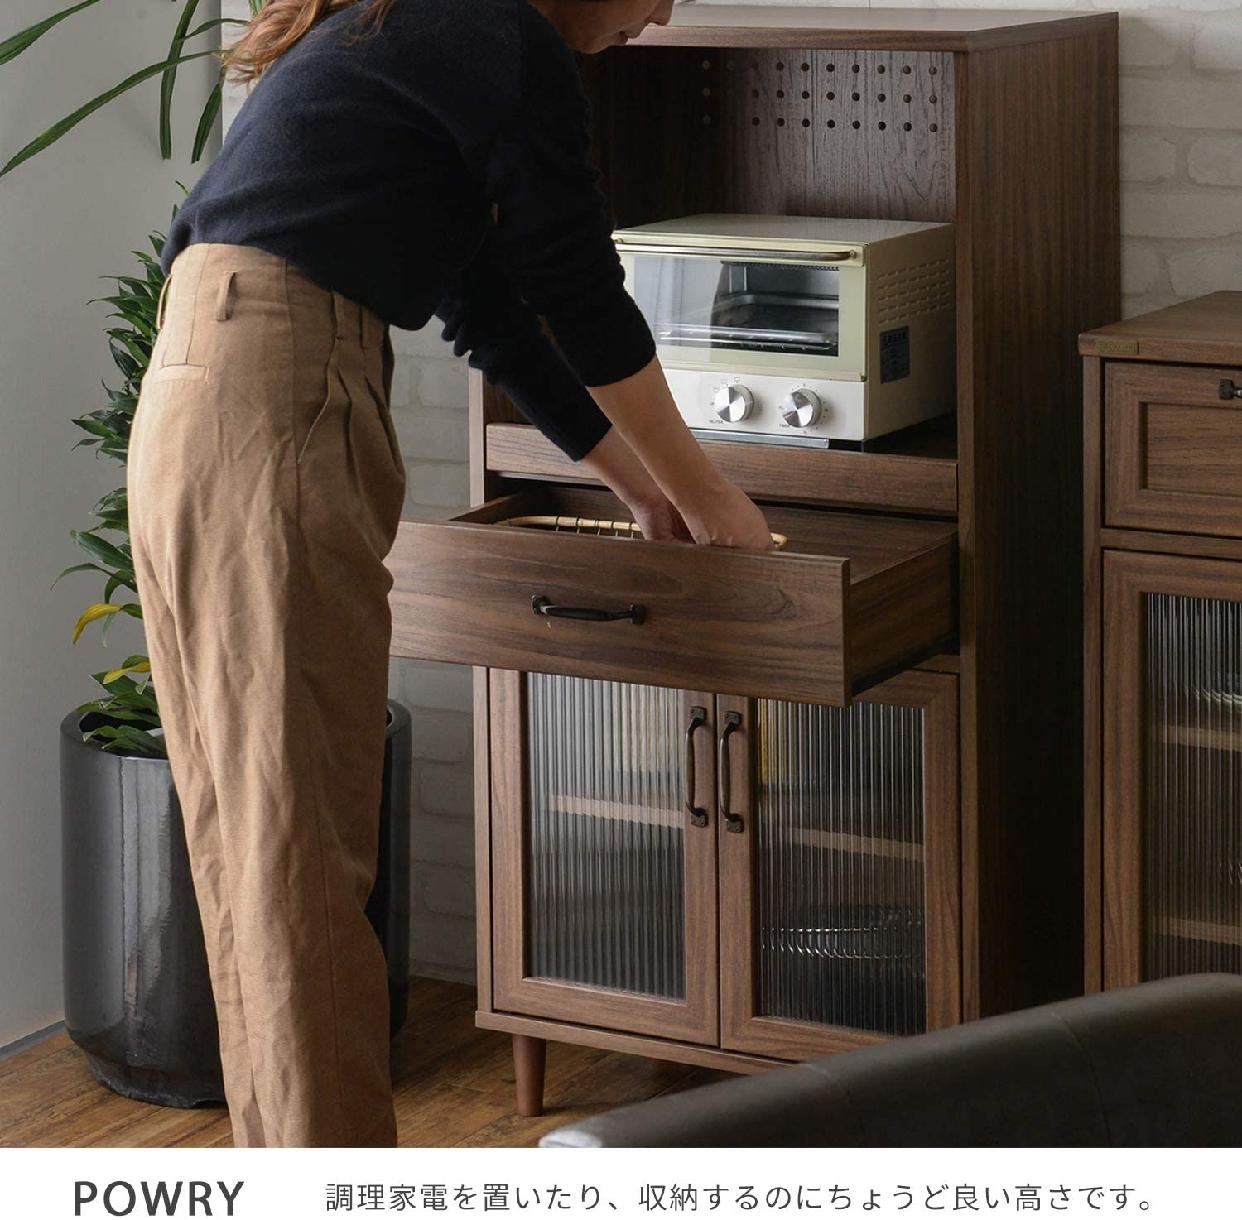 POWRY(ポーリー)レンジ台 ブラウン PW120-60Lの商品画像3